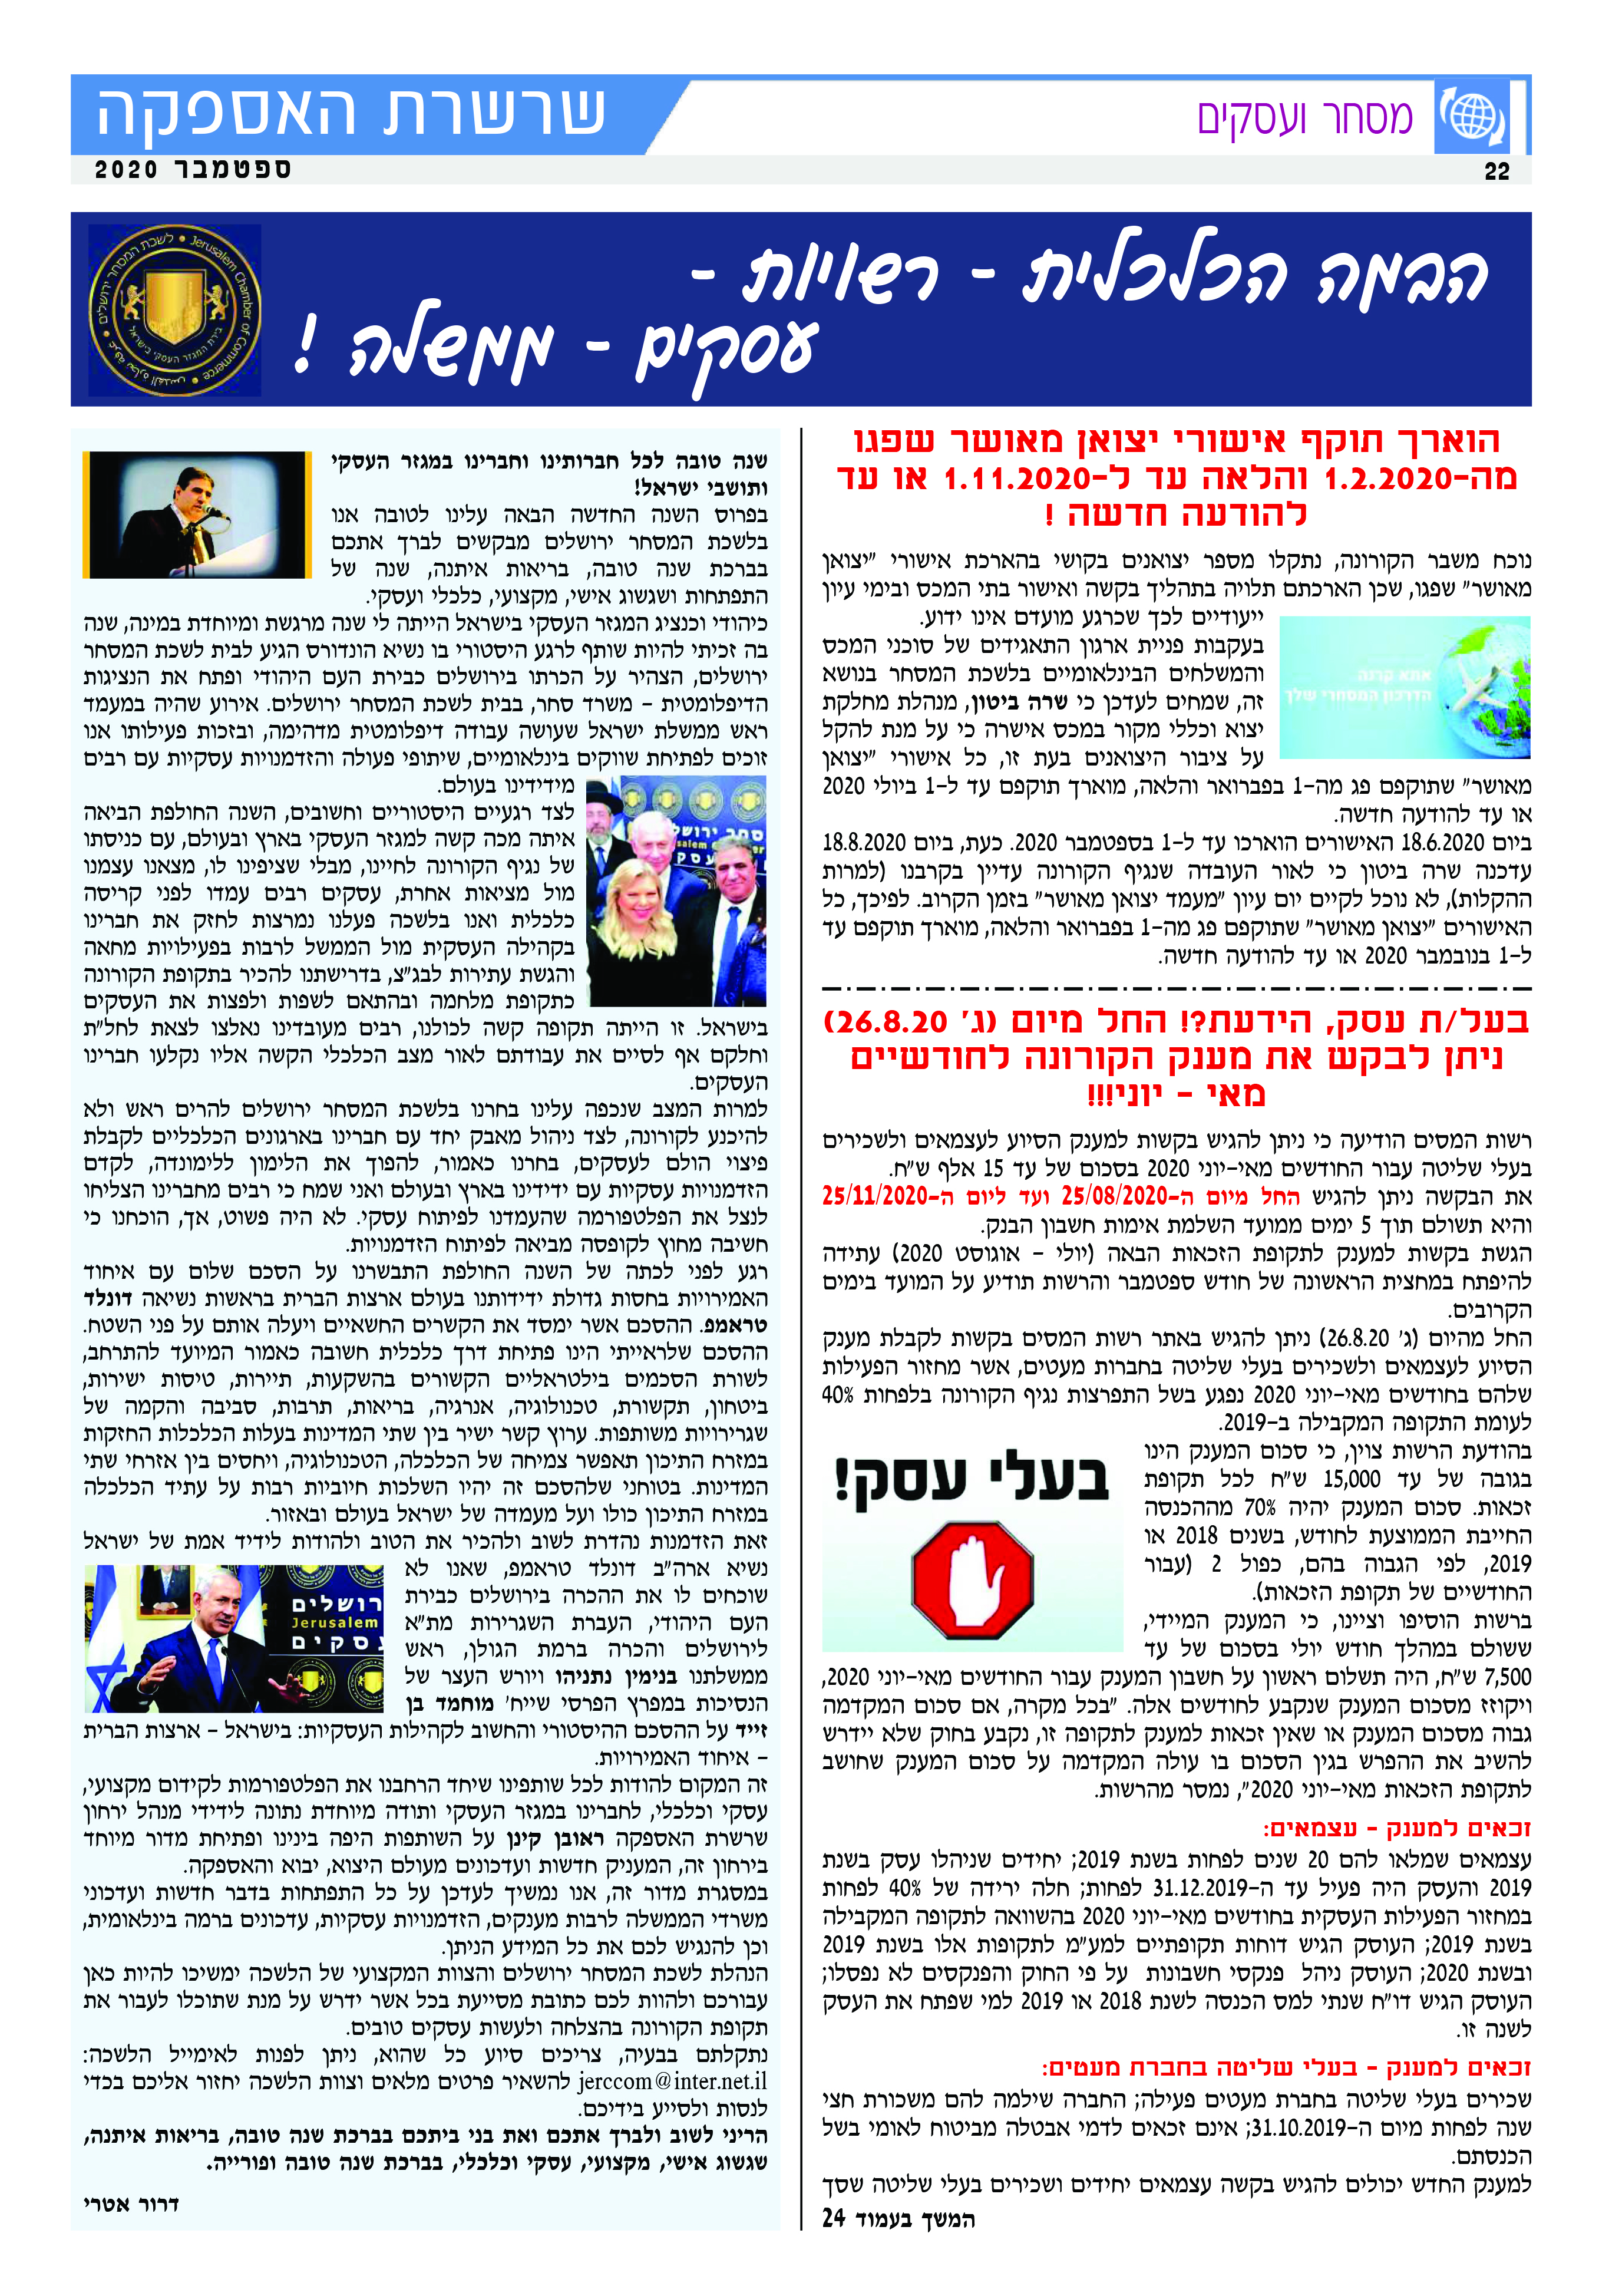 לשכת המסחר ירושלים 2020 9 עמוד דרור